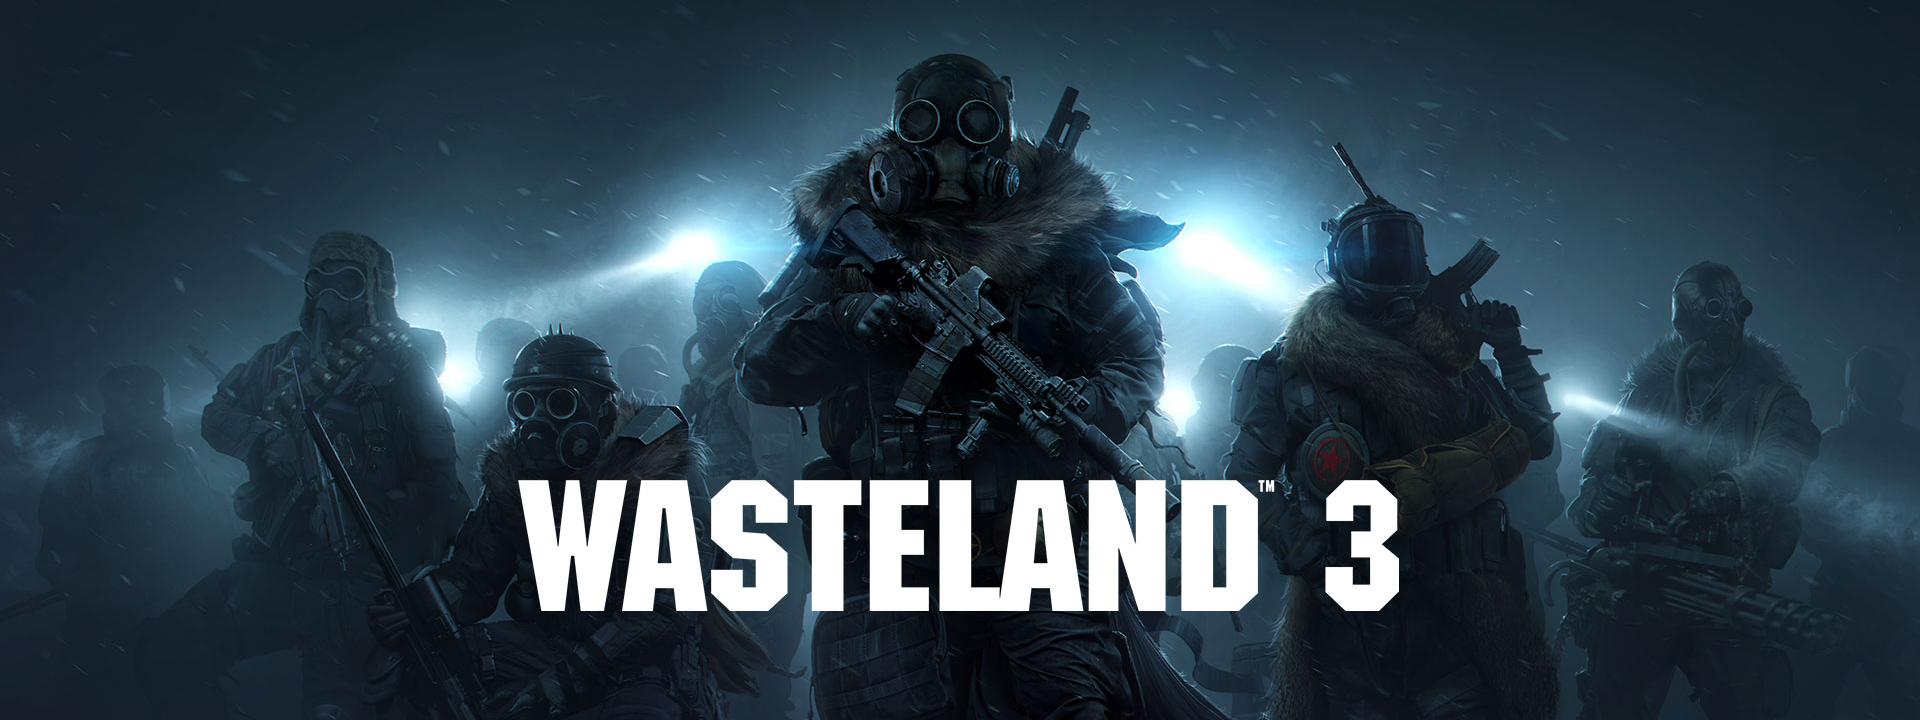 Photo of Wasteland 3 vyjde už v Květnu 2020!